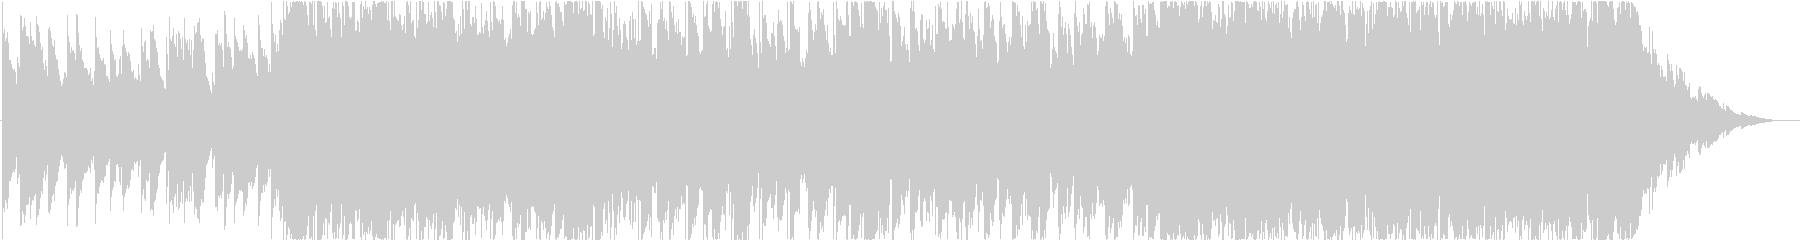 エモーショナルなバラードの未再生の波形